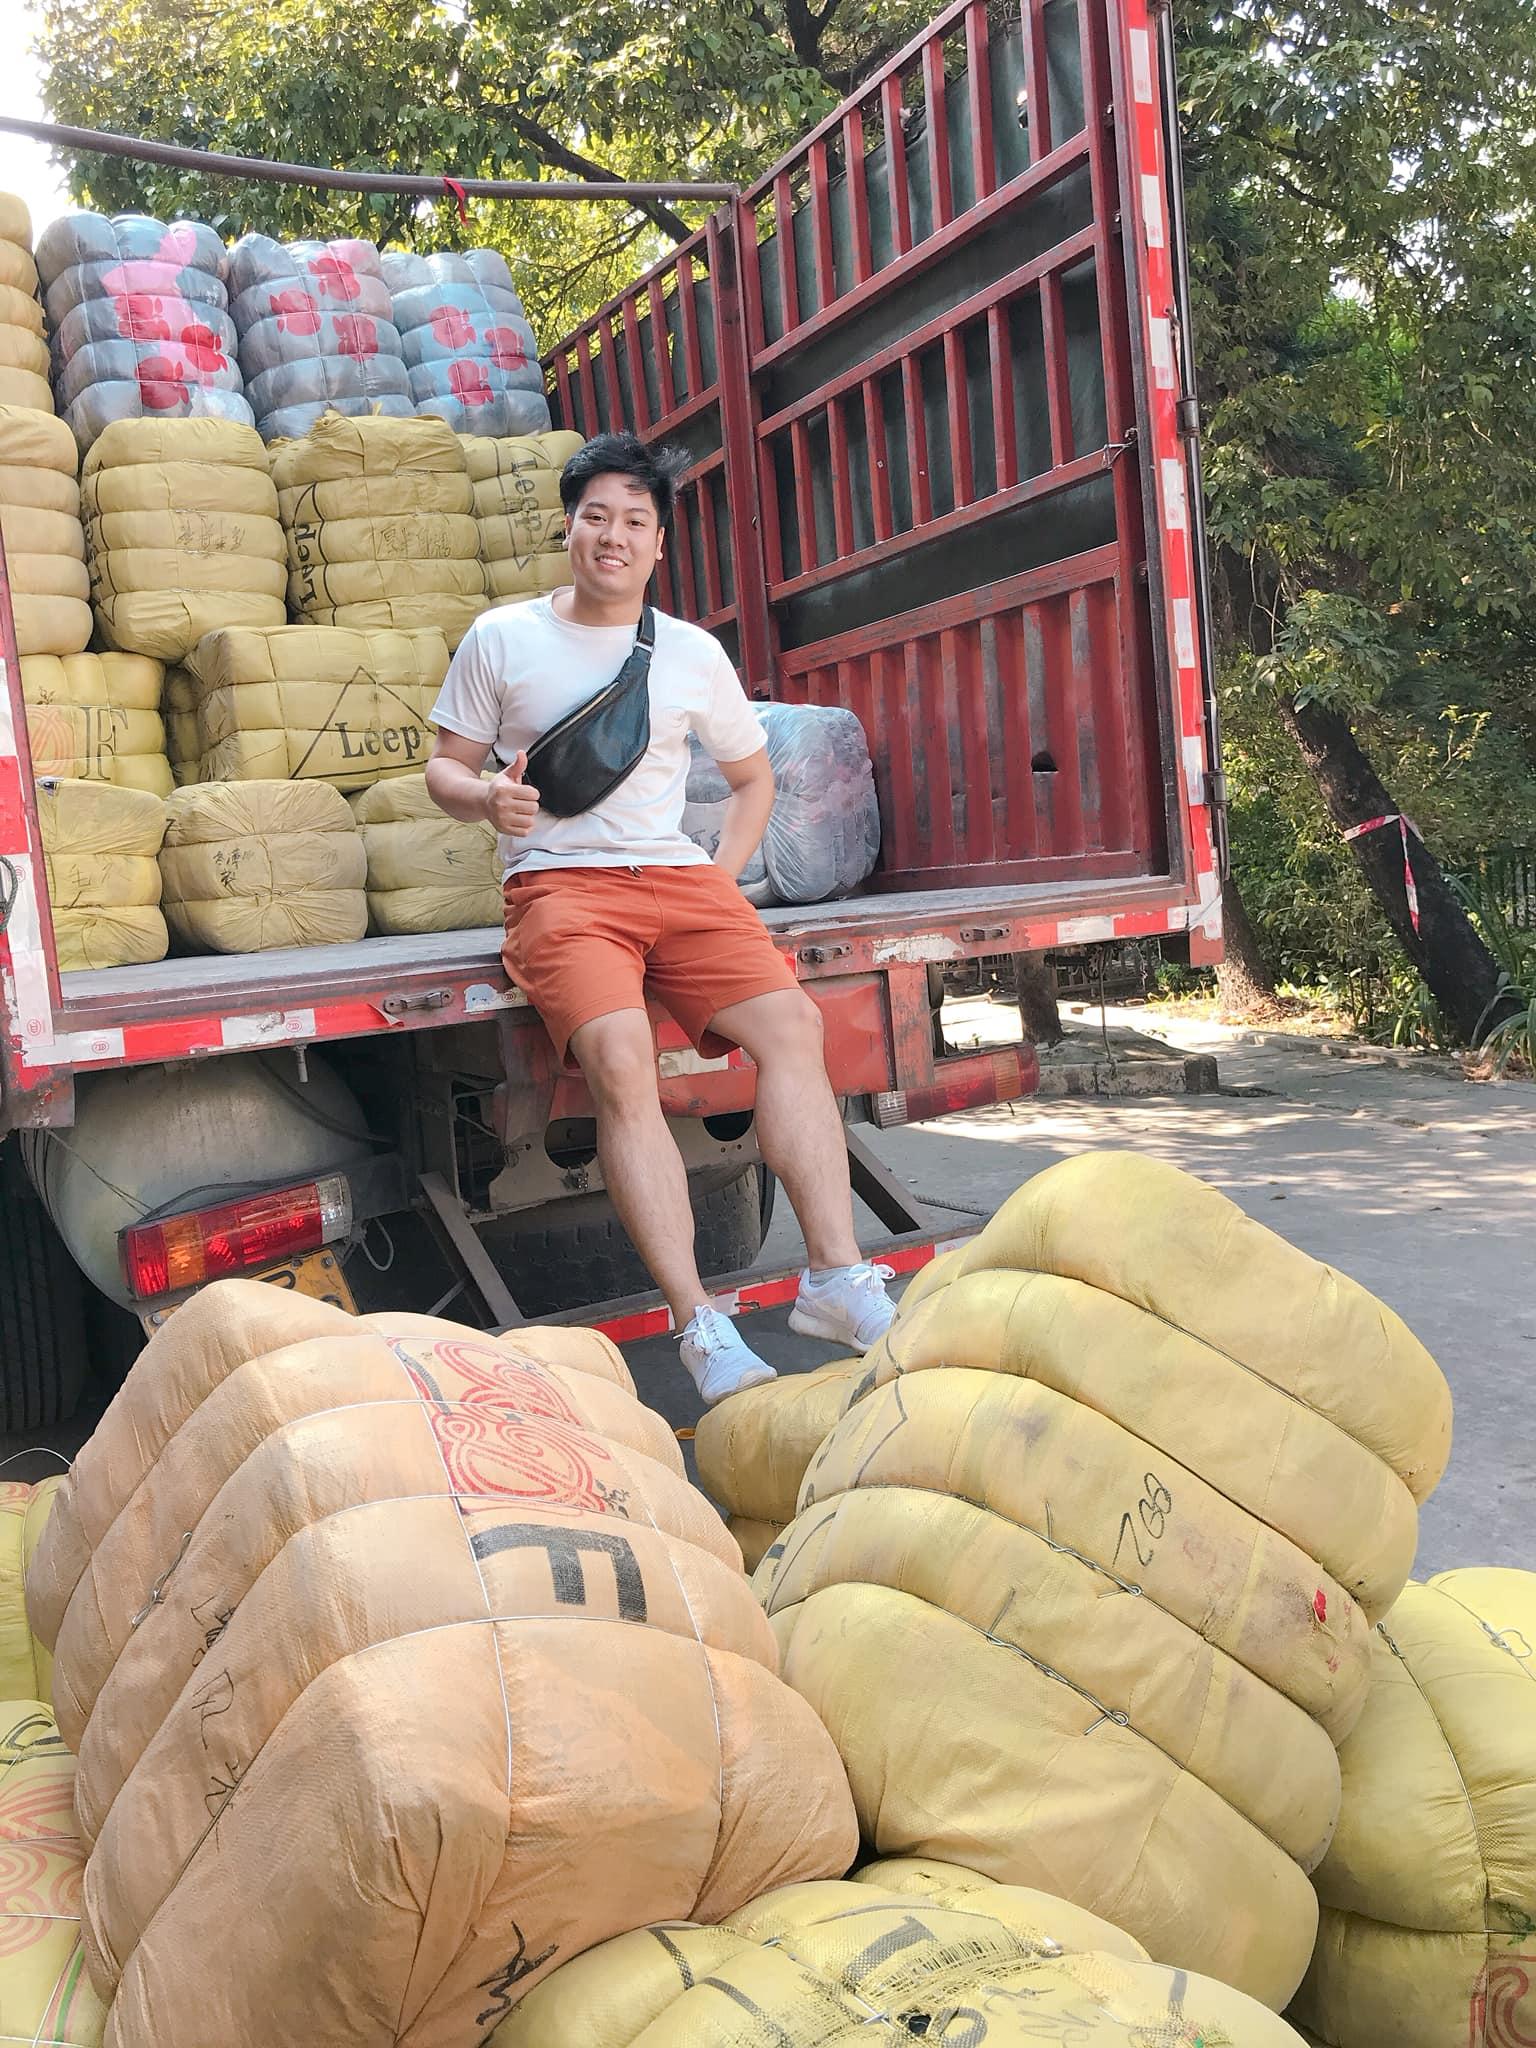 Địa chỉ cung cấp quần áo hàng thùng uy tín, giá rẻ, chất lượng toàn quốc